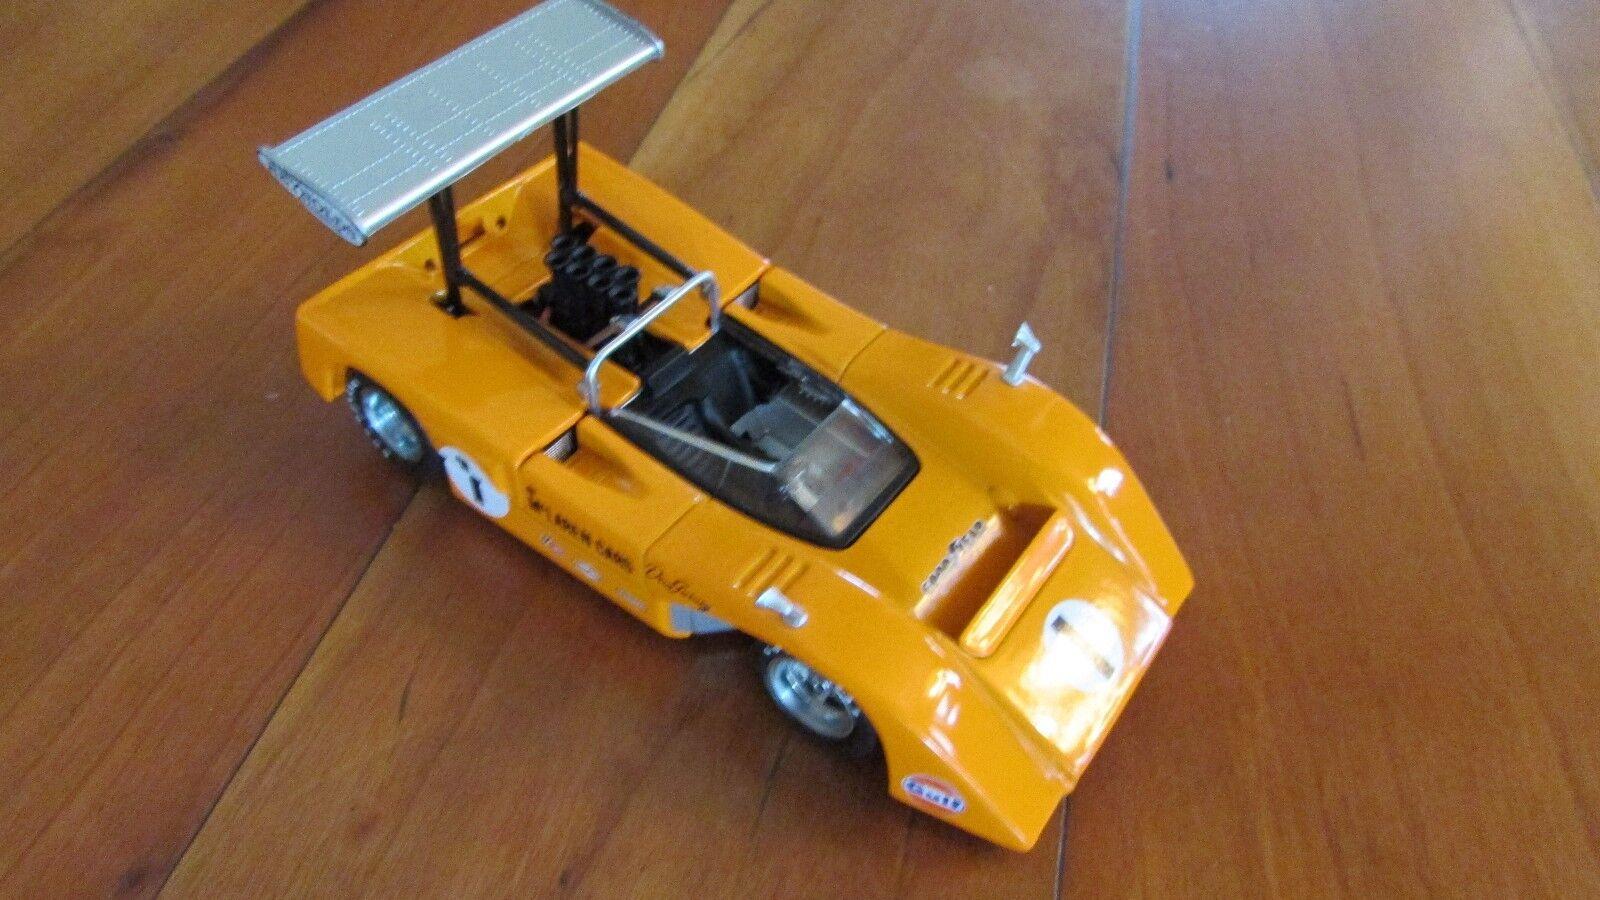 1 43 GMP 1969 McLAREN M8 B Dan Gurney Voiture de course  1 aile haute Can Am Chevy V8